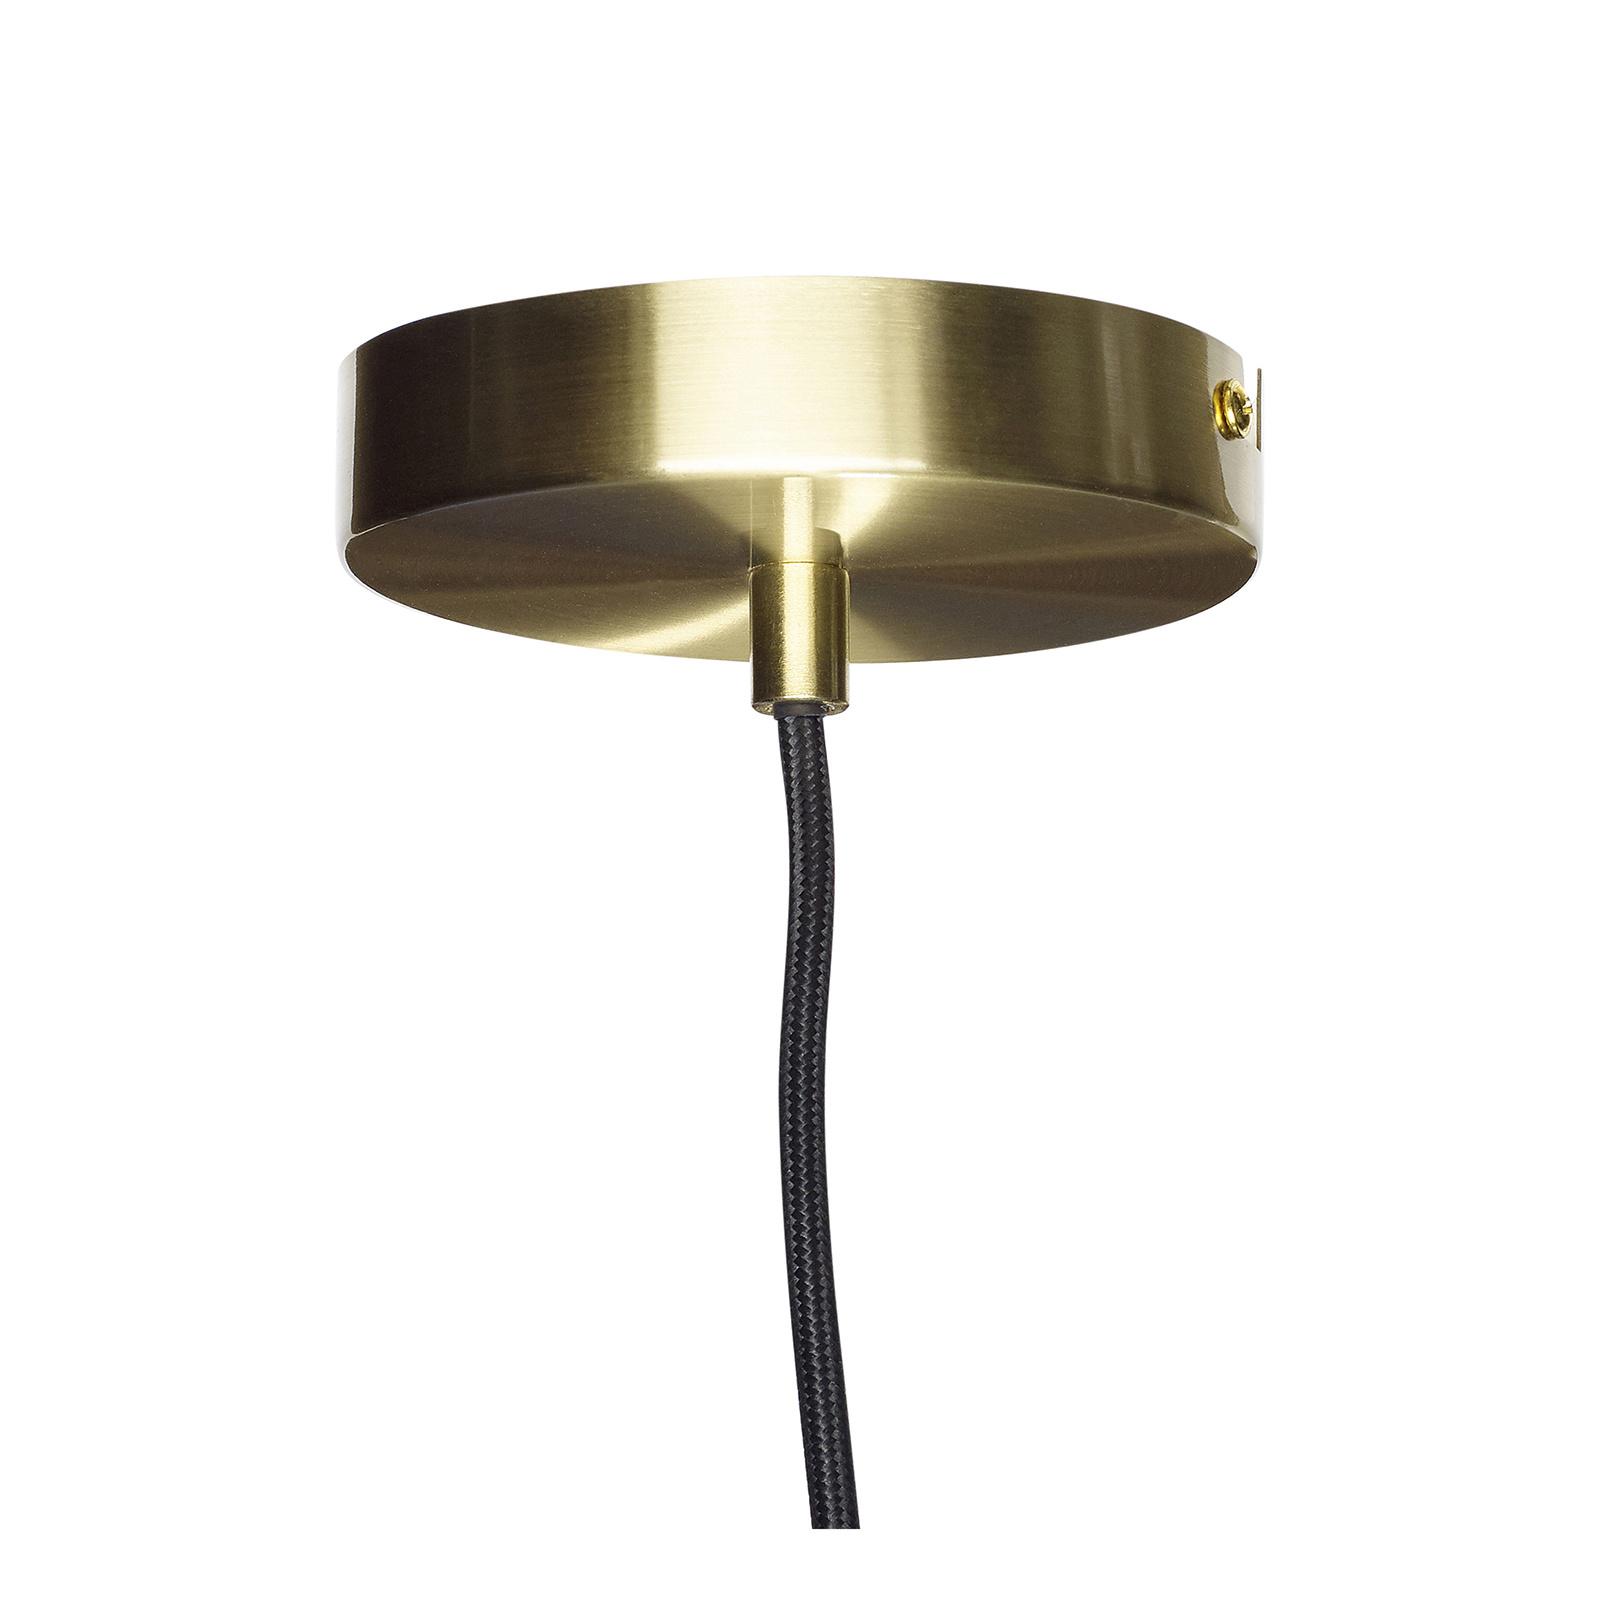 Hubsch Hanglamp Bollen - 890504 - Glas, Goud messing - incl. lamp-890504-5712772061923